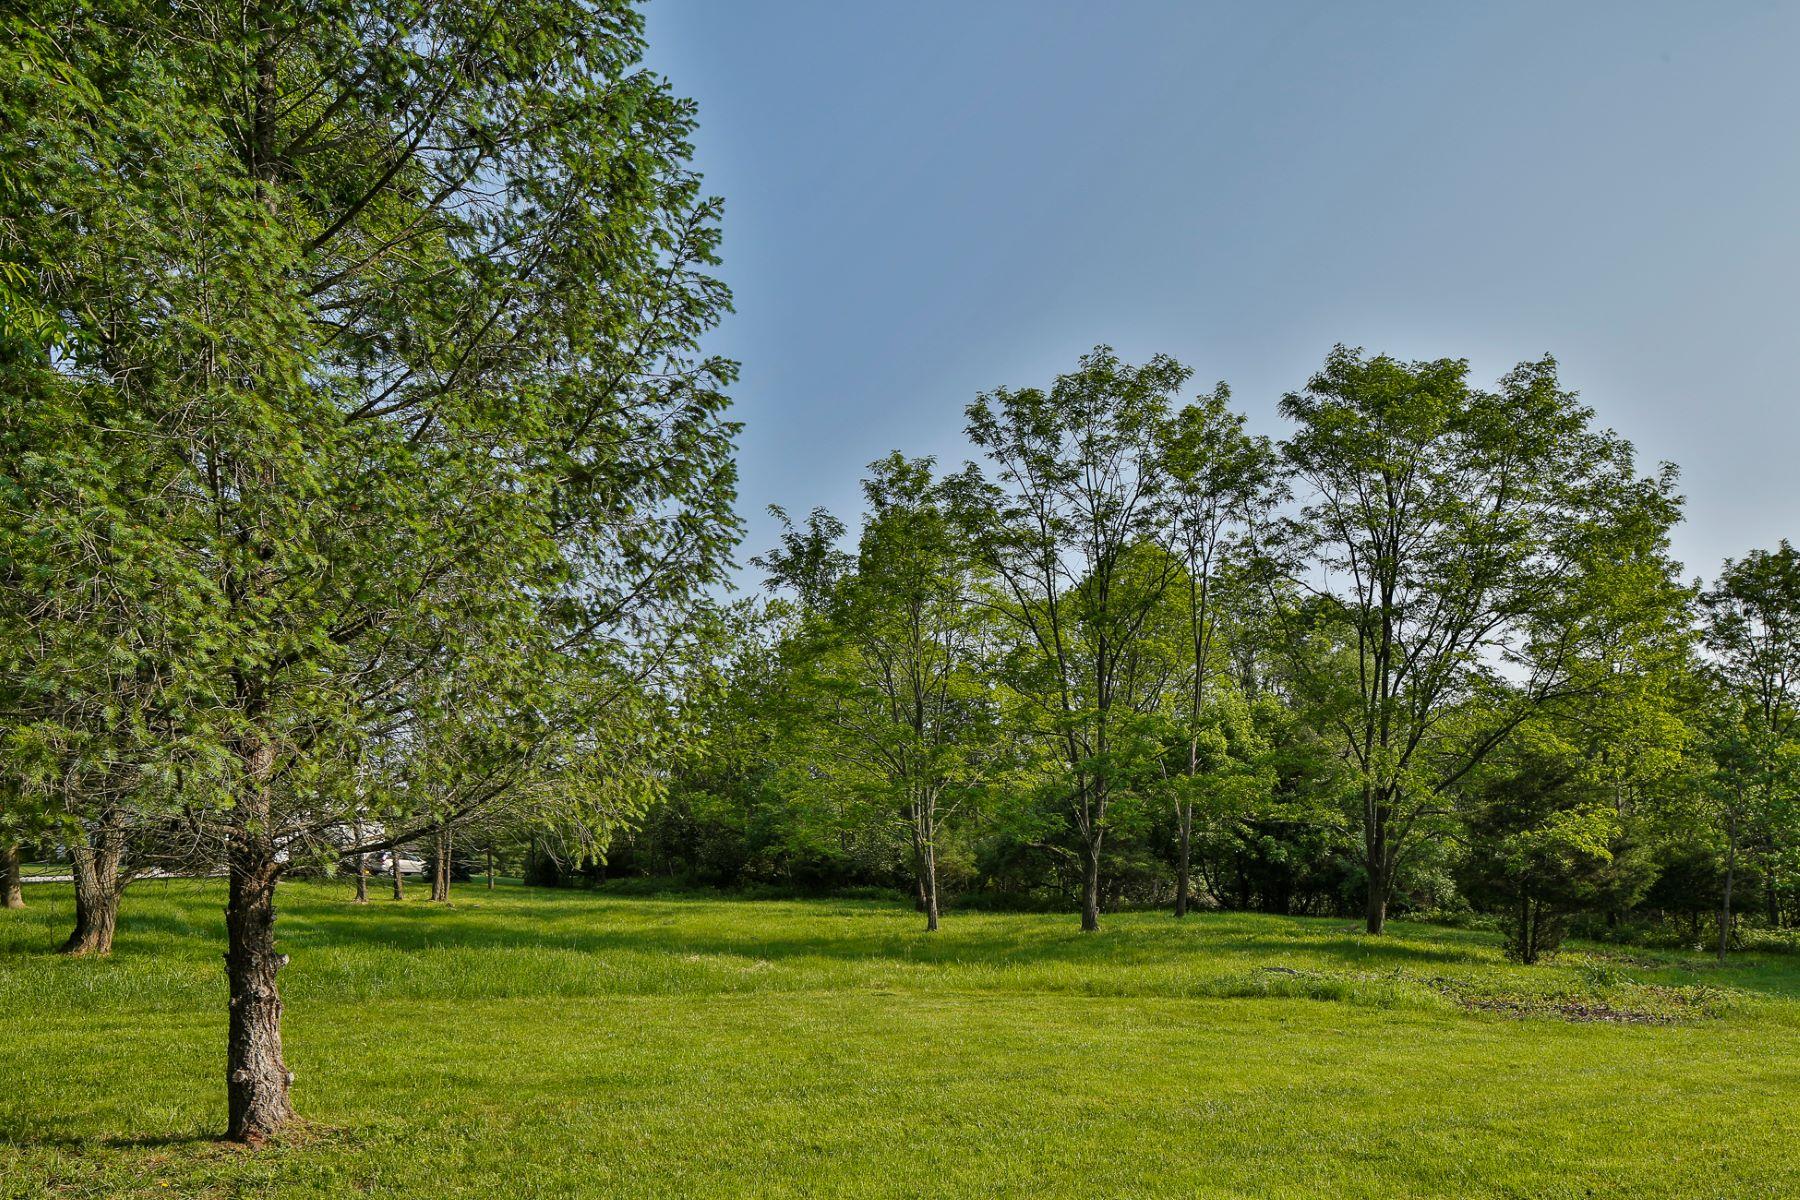 Terreno por un Venta en Ready to Build Lot in Lawrence Township 16 Buckingham Drive Princeton, Nueva Jersey 08540 Estados Unidos